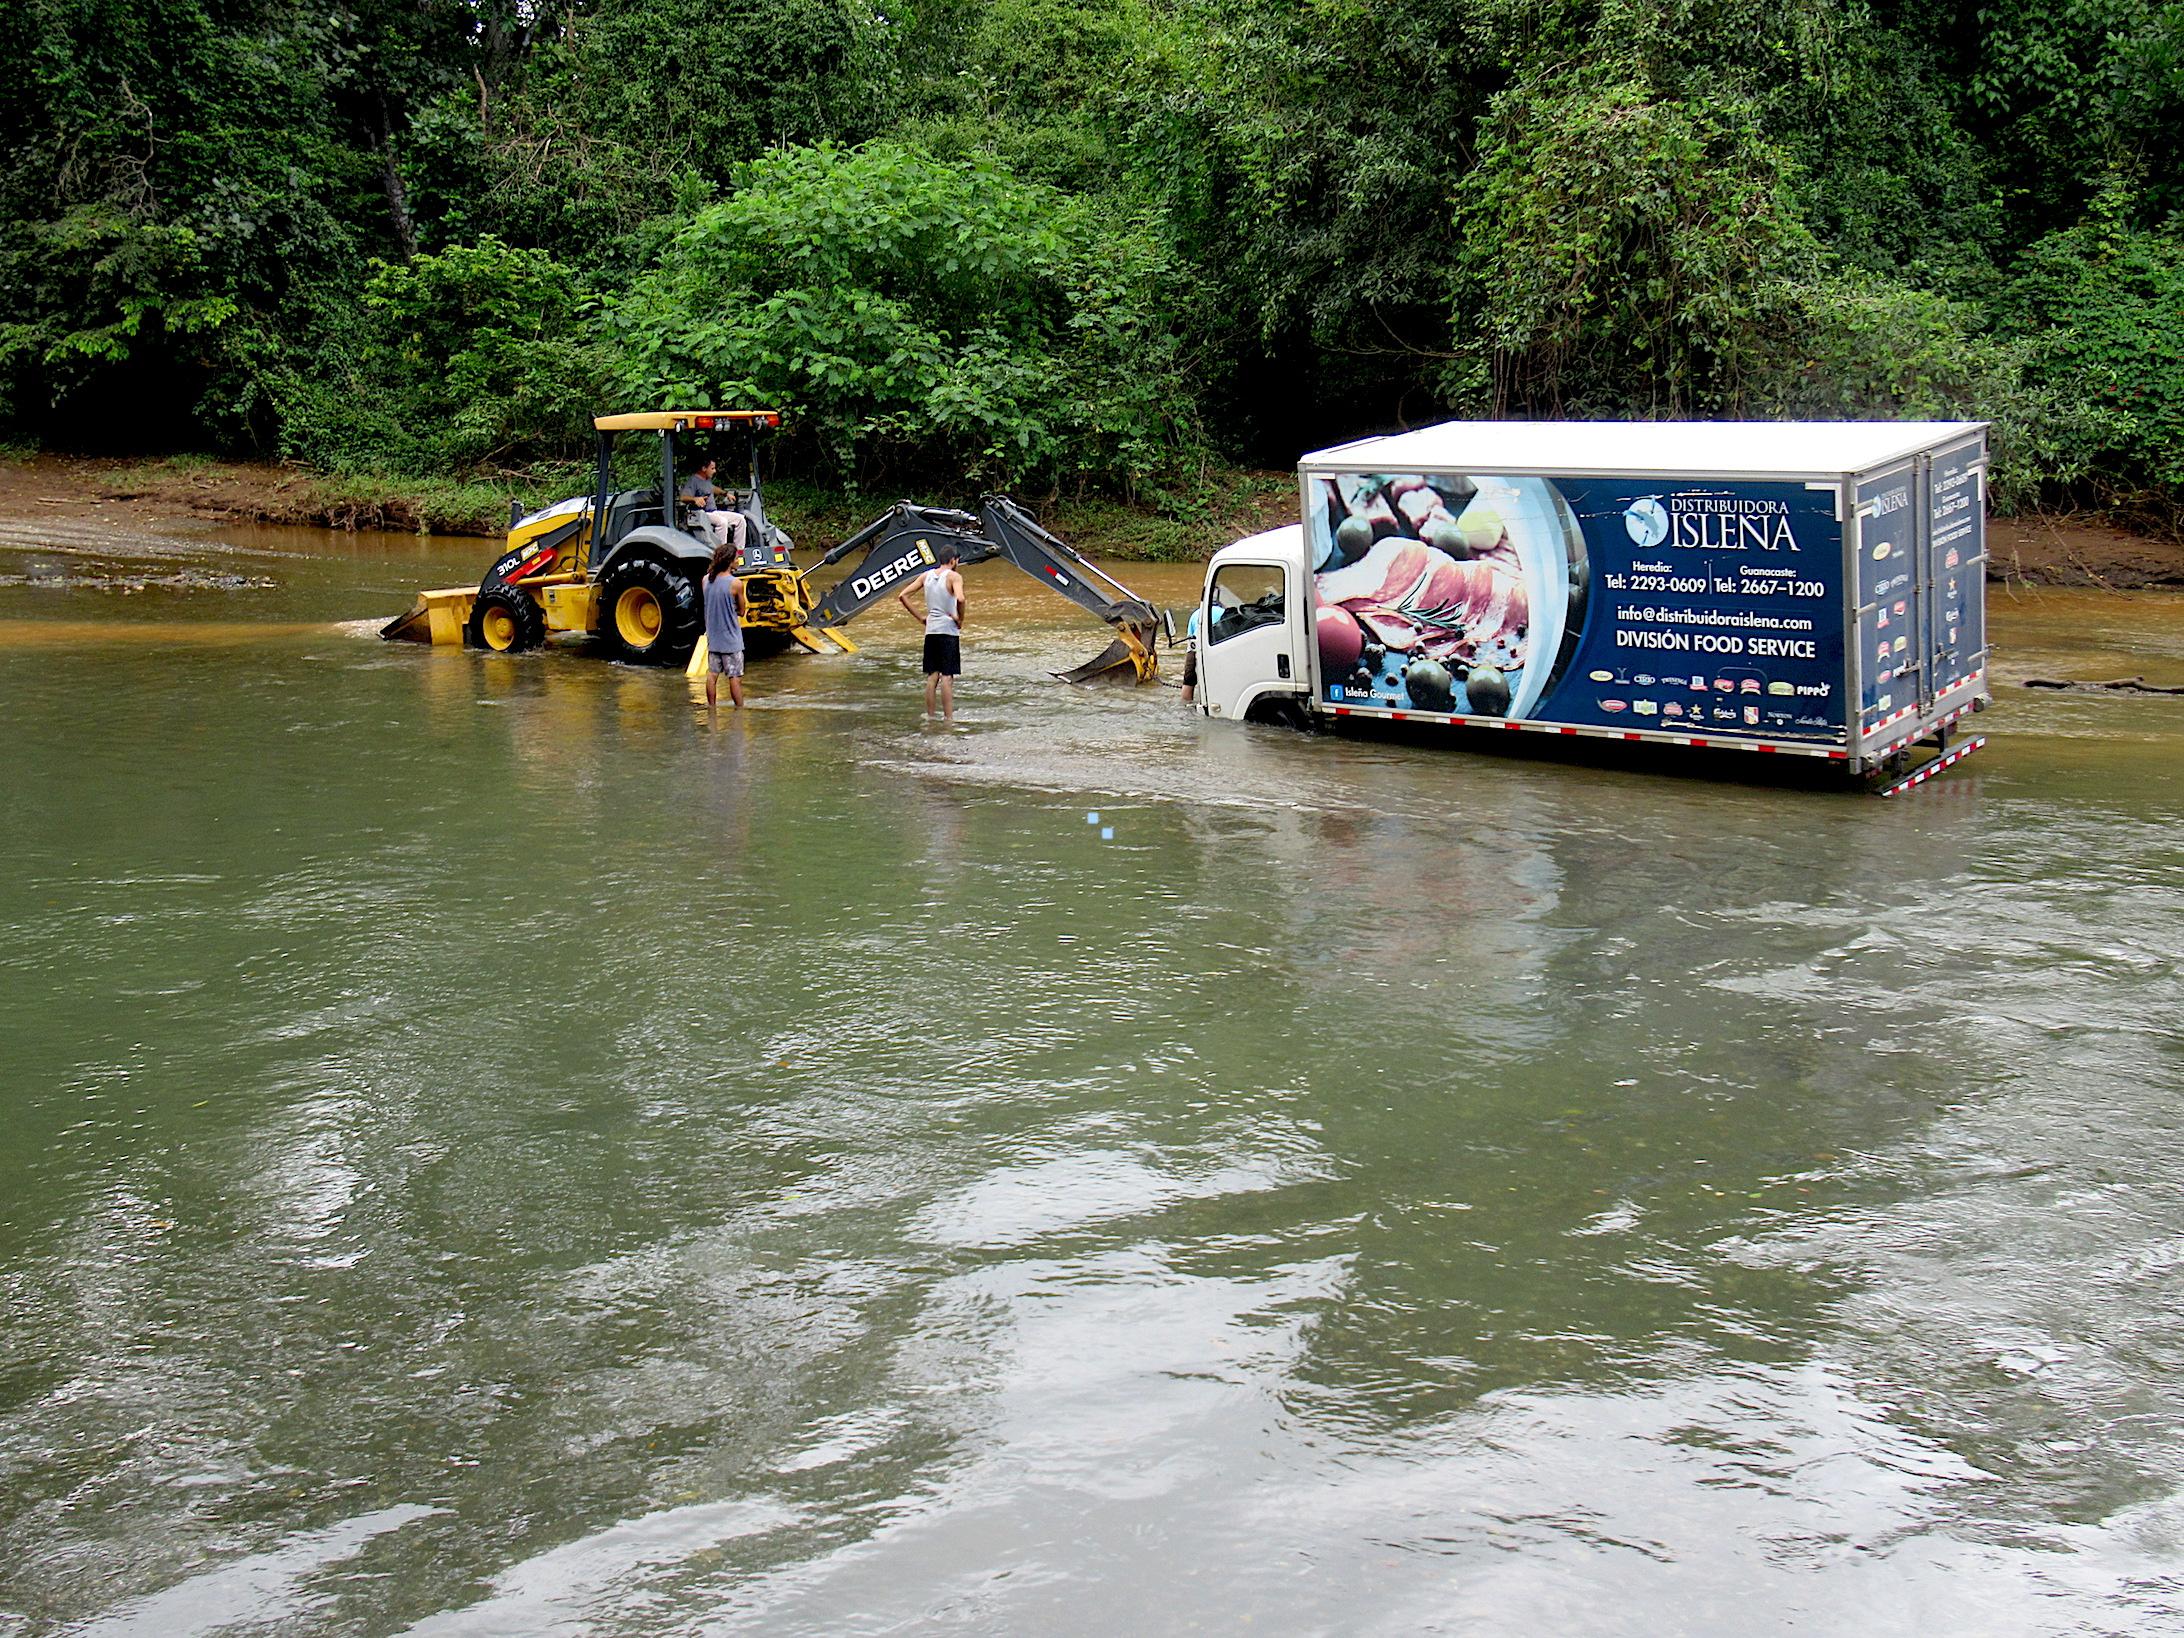 Abenteuer in Costa Rica